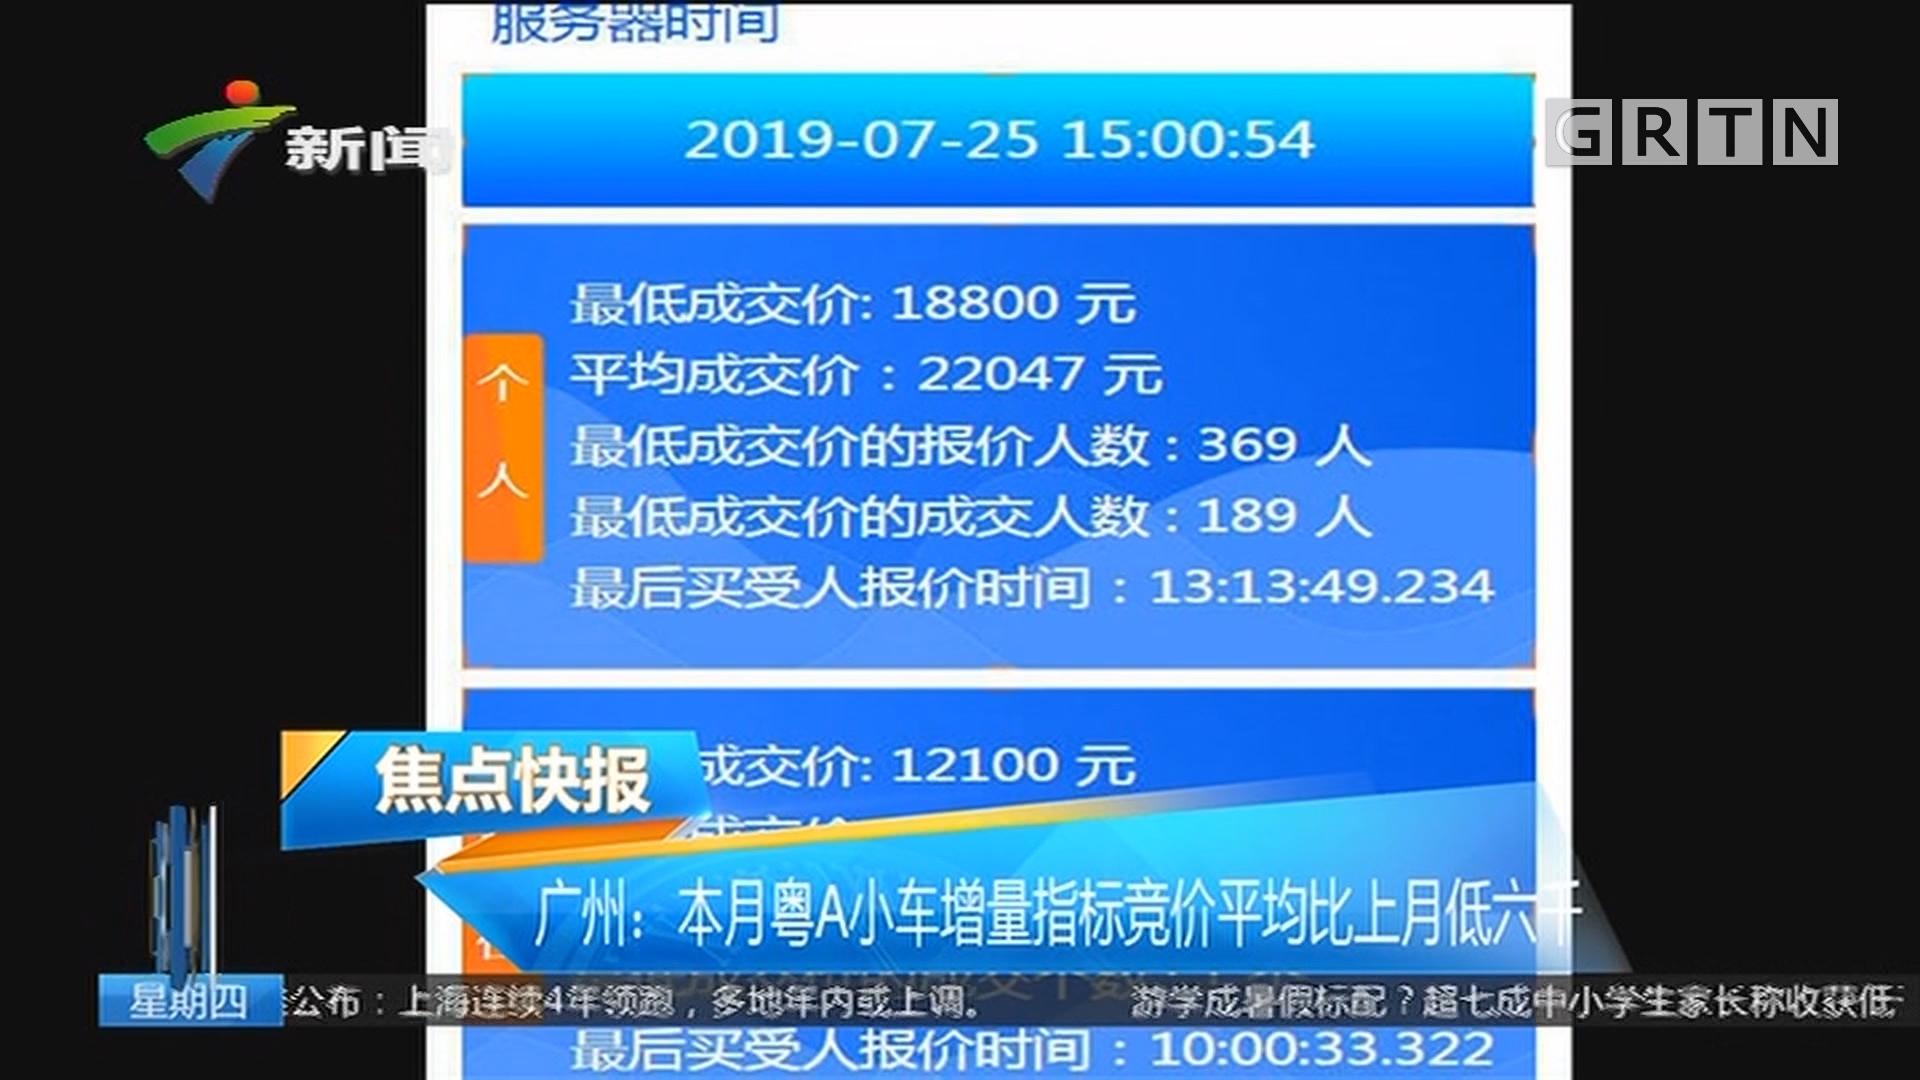 广州:本月粤A小车增量指标竞价平均比上月低六千